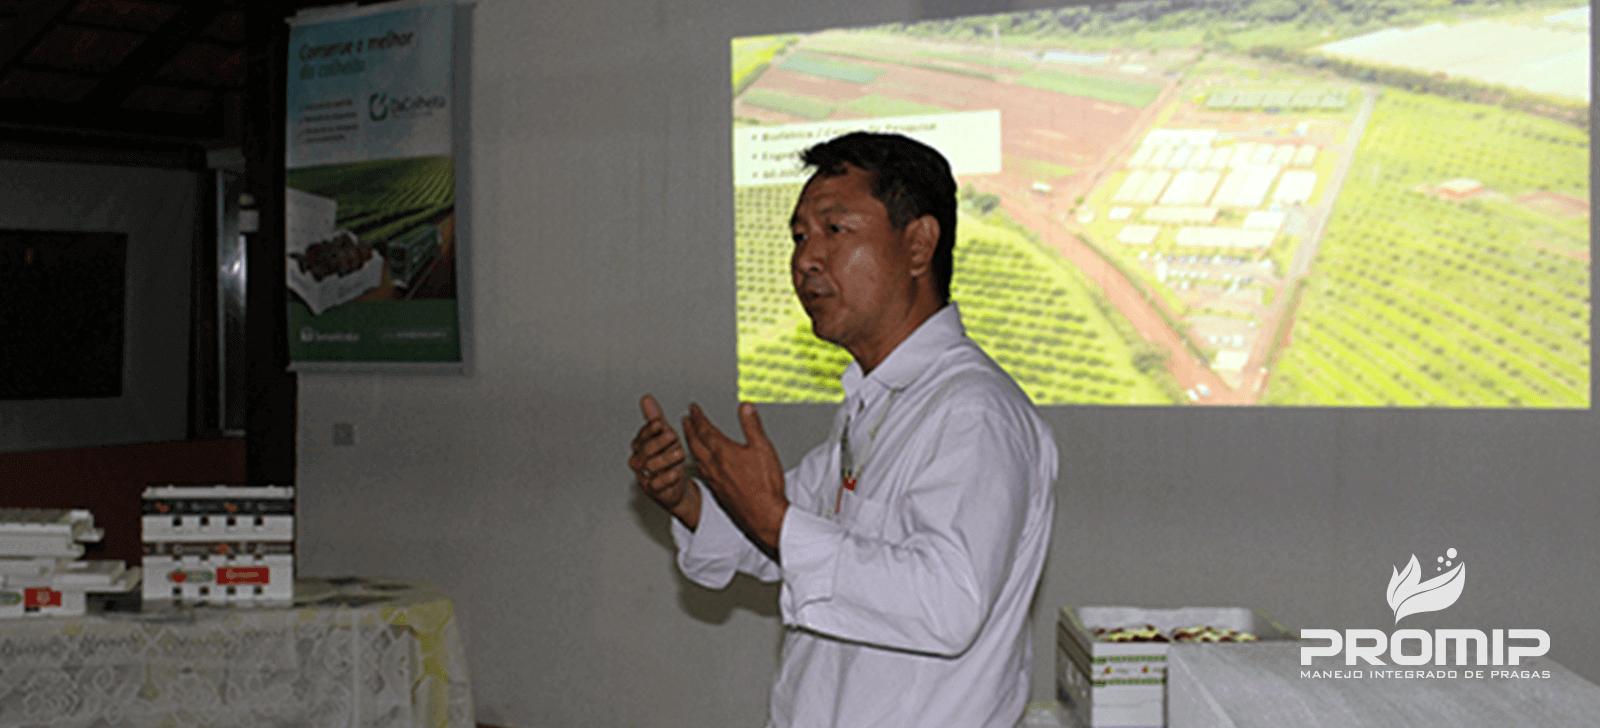 promip manejo integrado de pragas controle biologico inovacoes promip sao apresentadas para produtores de morango no sul de minas gerais final